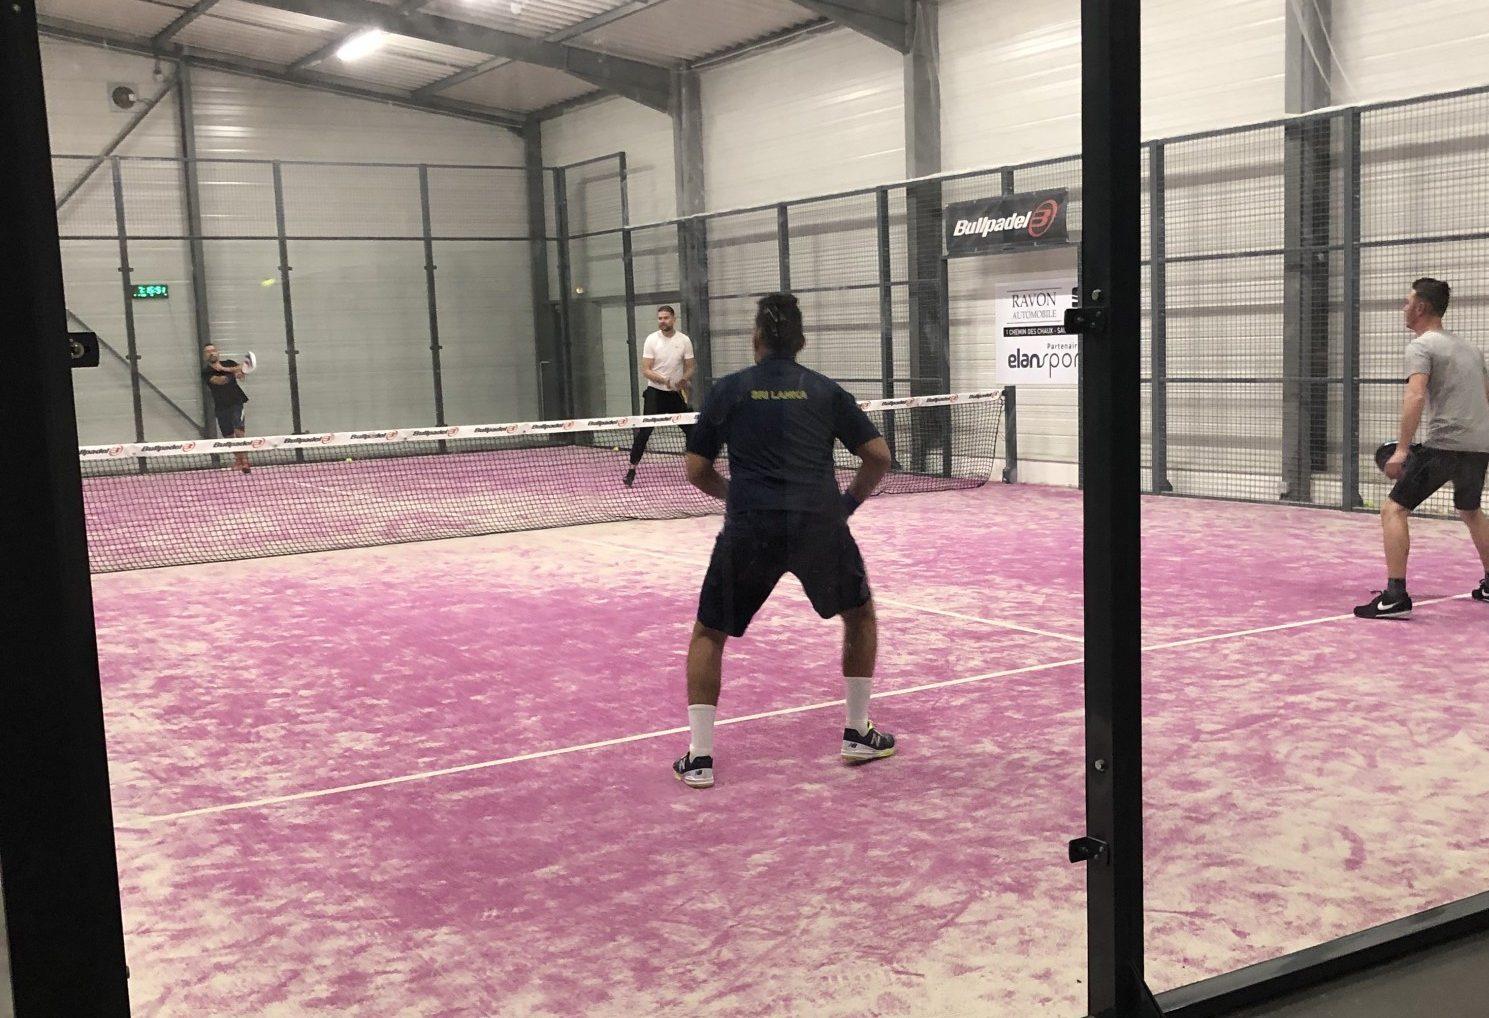 Elan Sport : Le padel à portée de Saint-Etienne